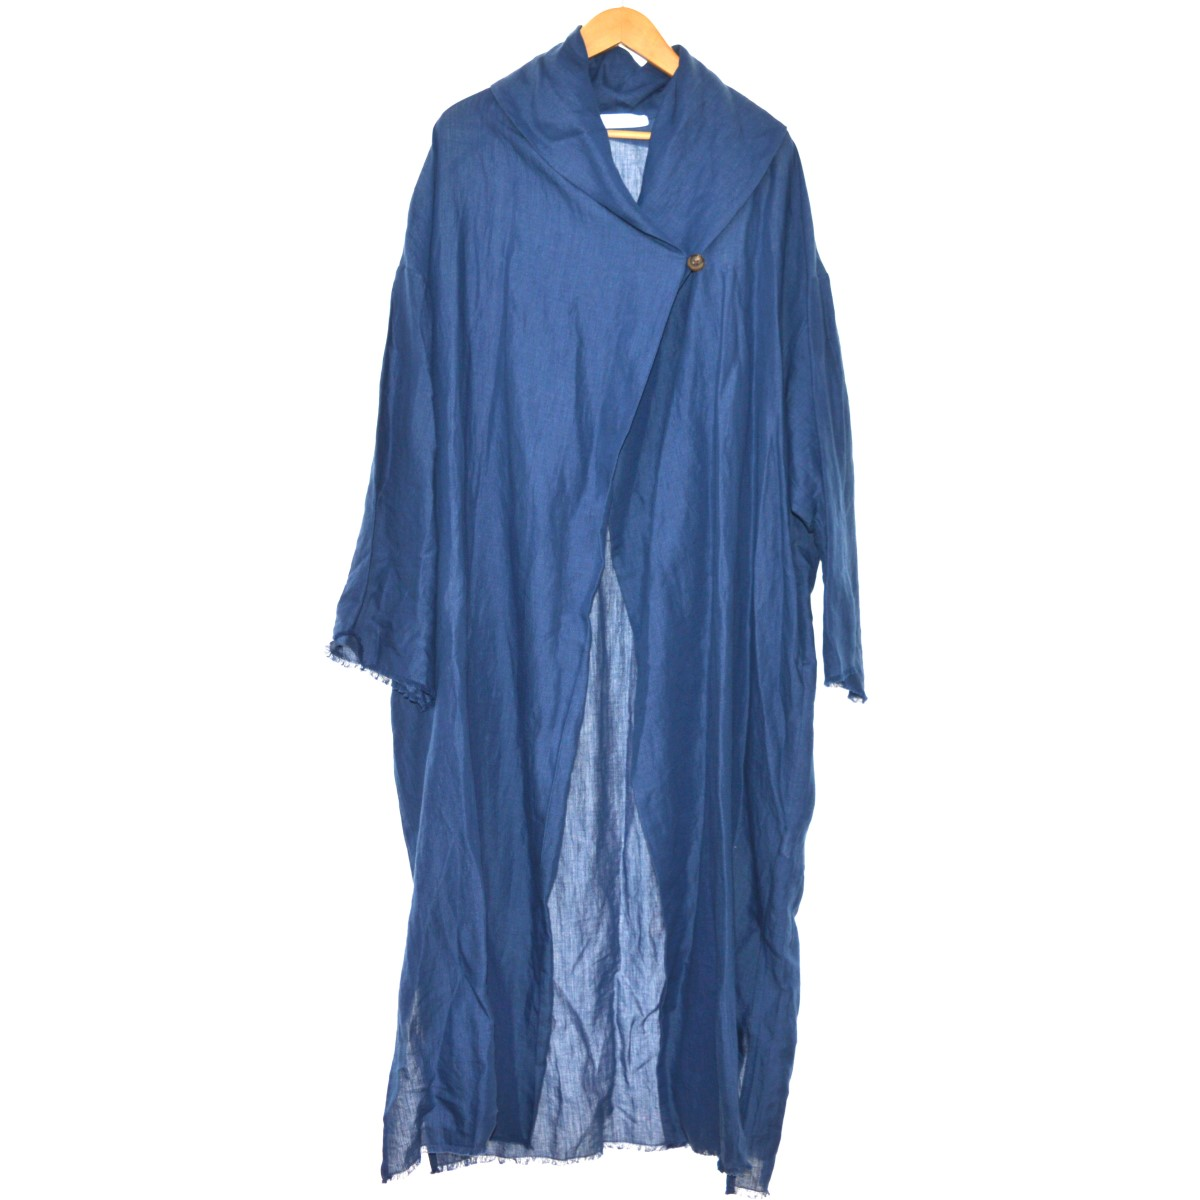 【中古】SEYA. BIOTOP別注 ロングシャツコート ブルー サイズ:S 【080320】(セヤ)